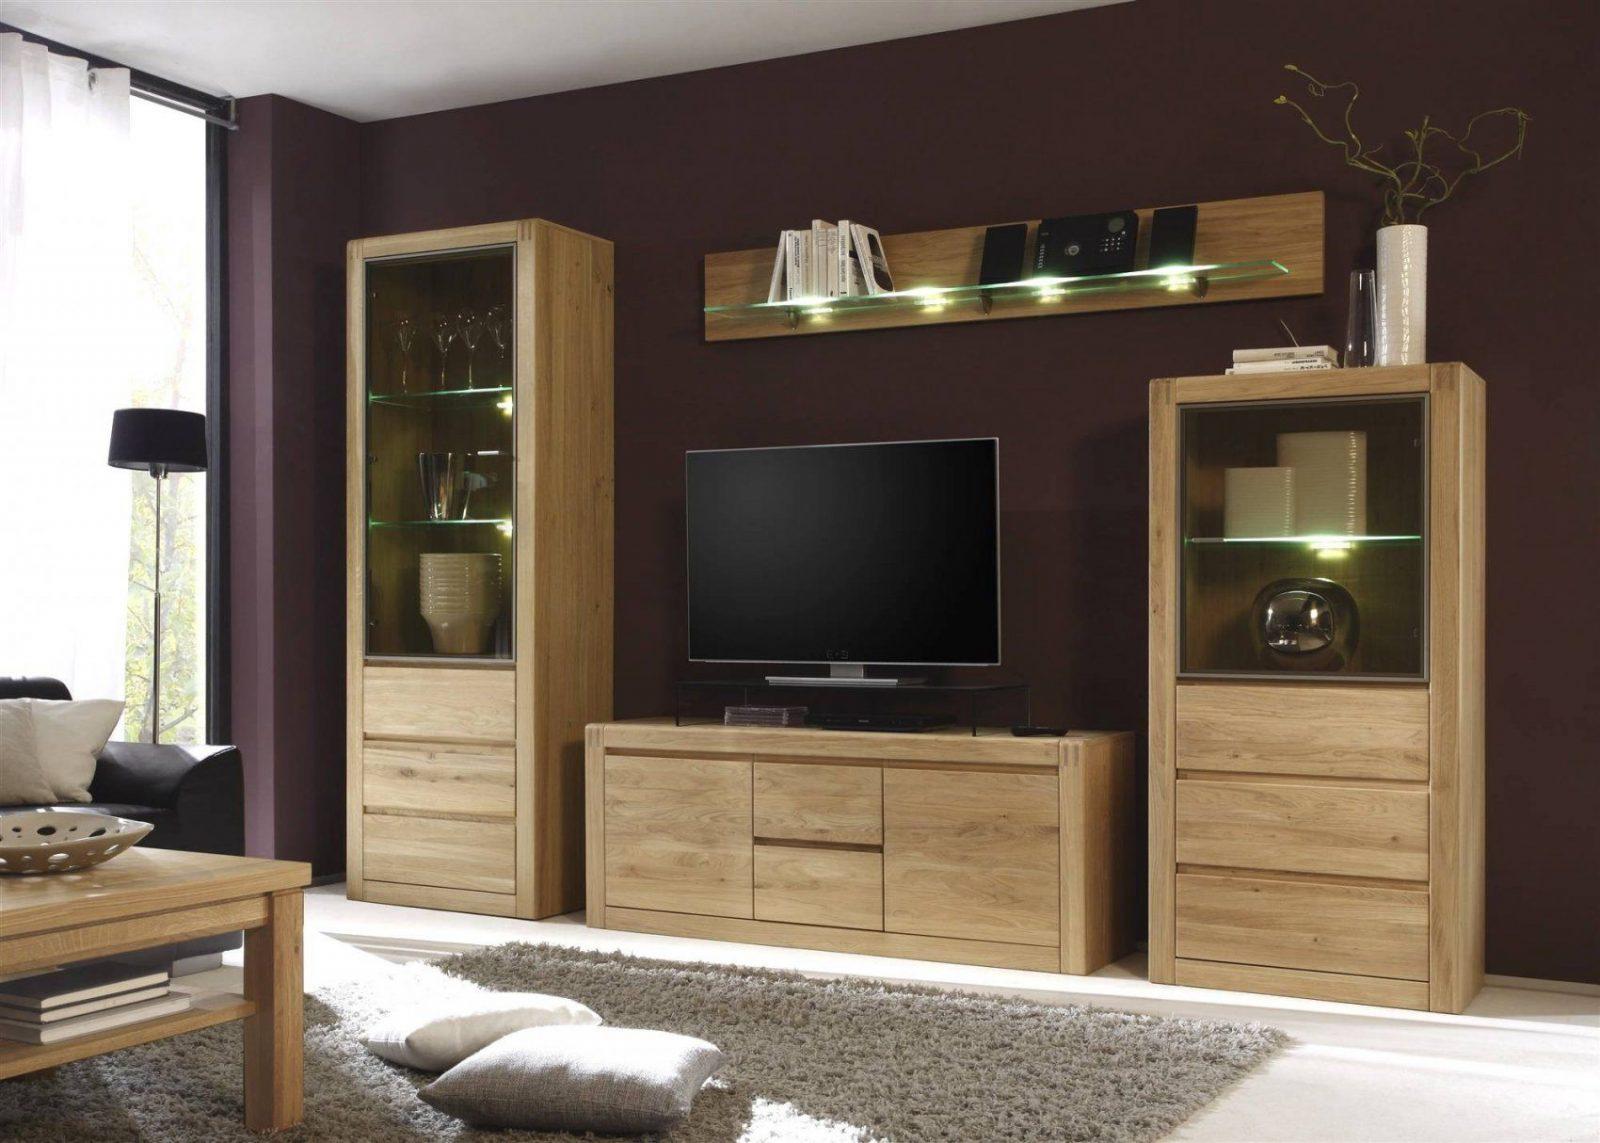 Wohnideen  Wohnwand Selber Bauen Ideen Mit Luxus Fantastisch 40 von Wohnwand Selber Bauen Ideen Photo